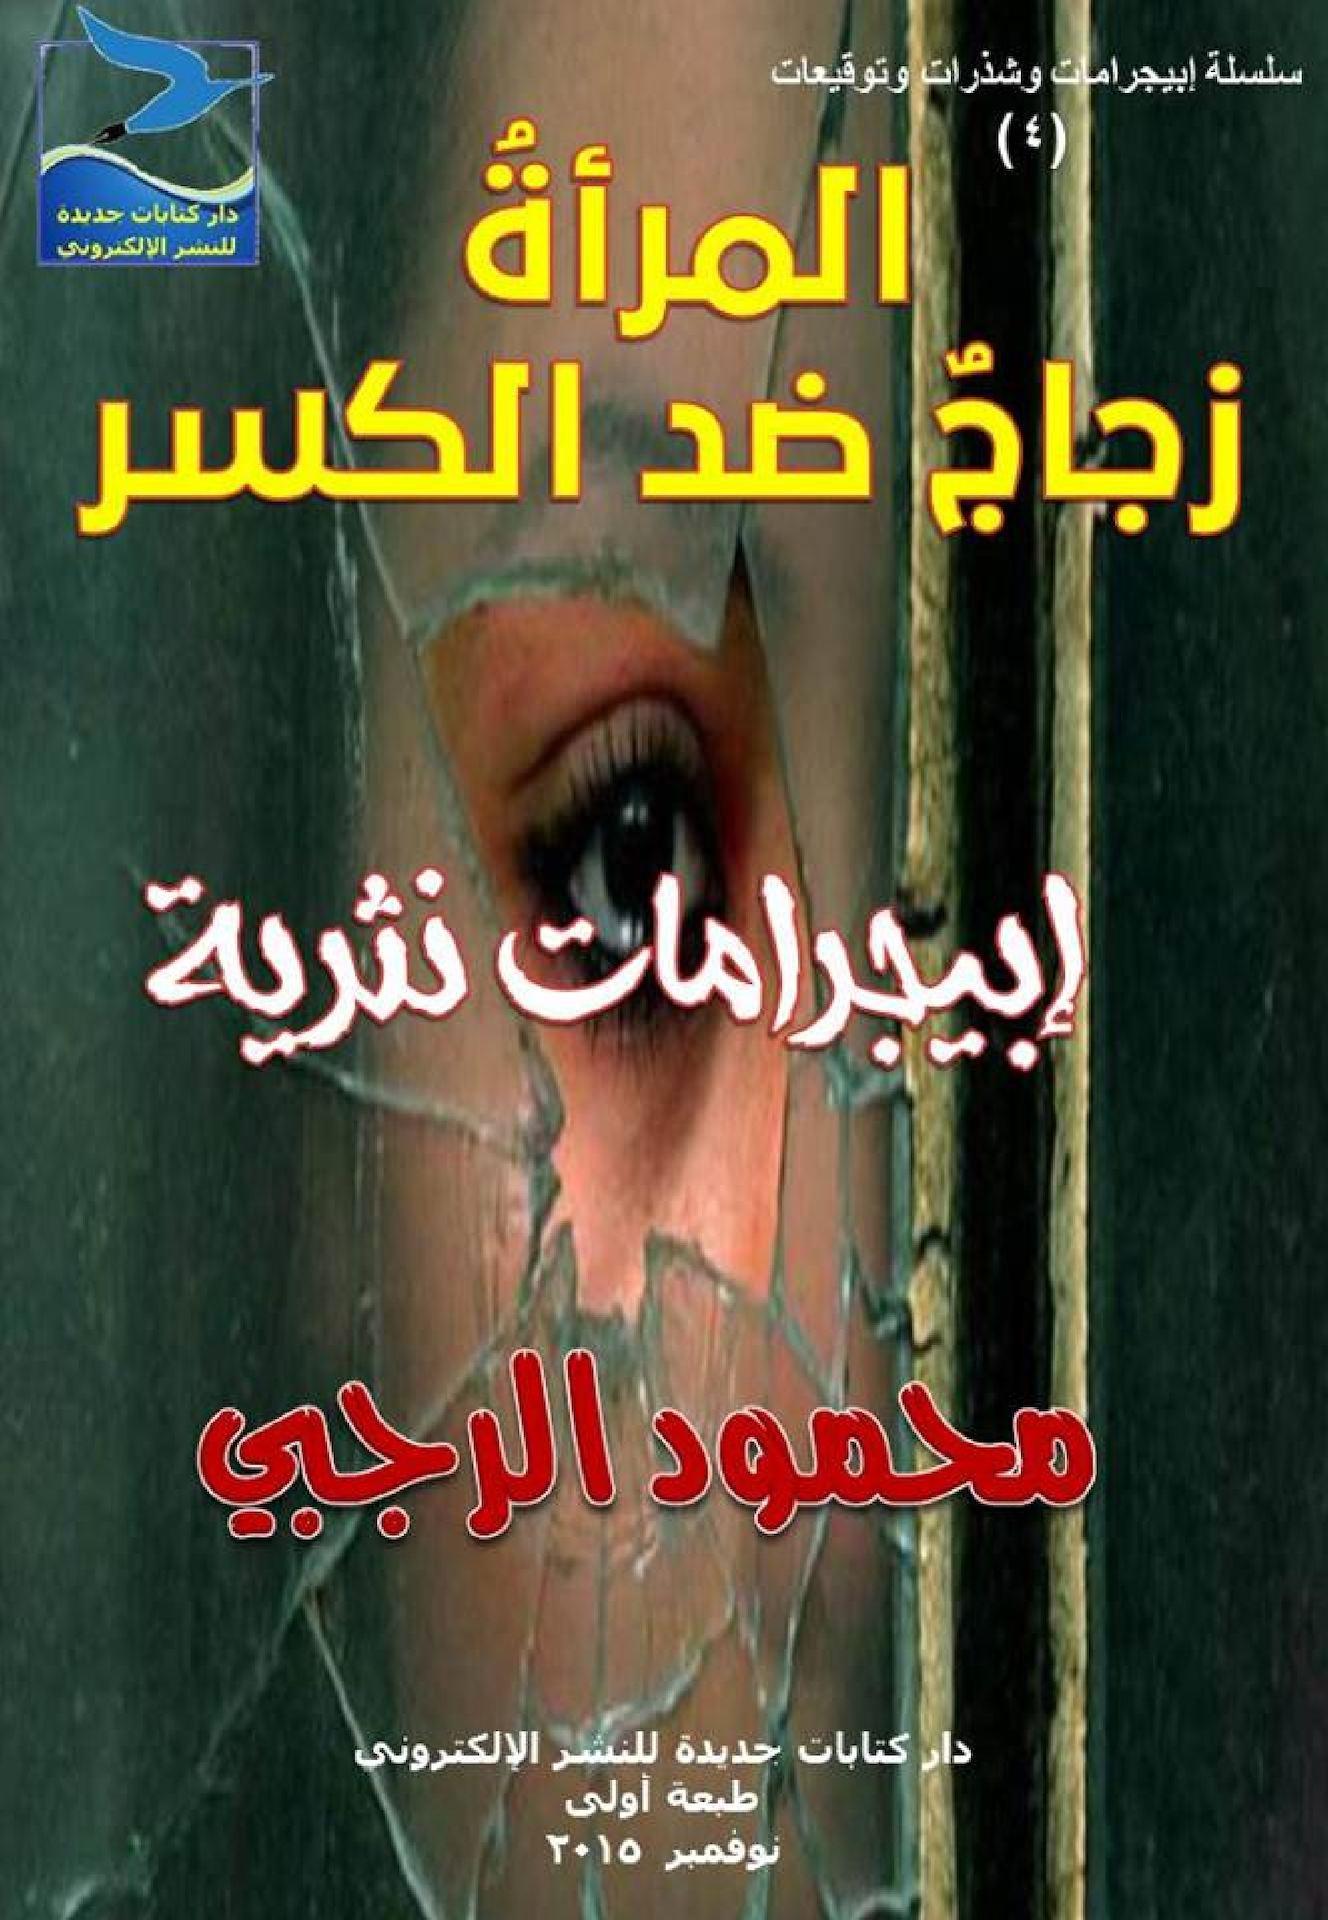 محمود الرجبي، المرأة زجاجٌ ضد الكسر، إبيجرامات نثرية، ط1، نوفمبر 2015